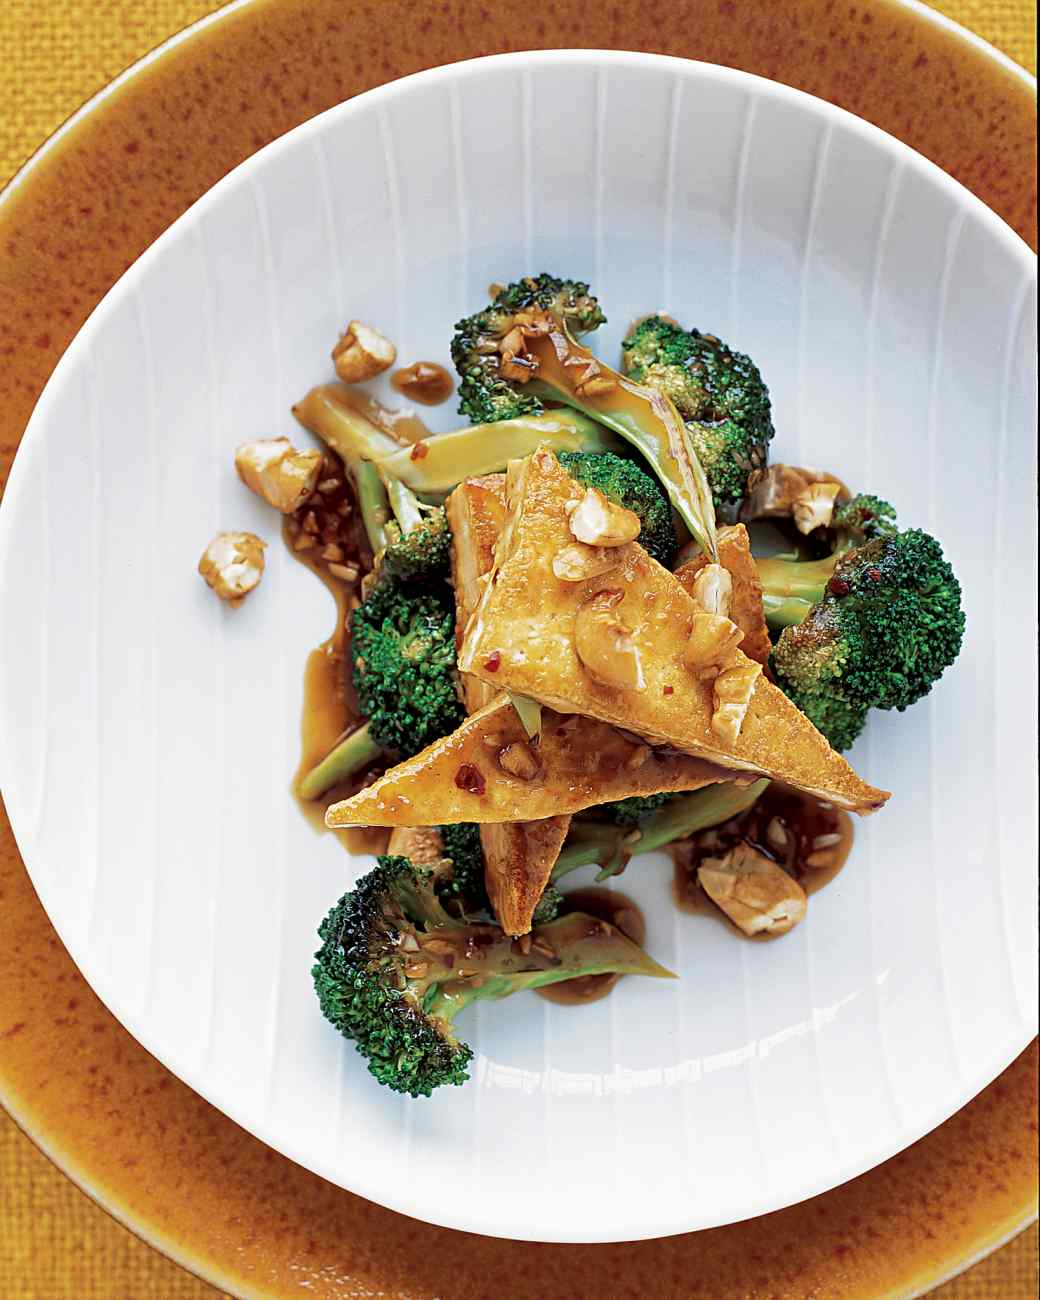 5:2 Fast Day Smoked Tofu with Broccoli & Teriyaki Sauce